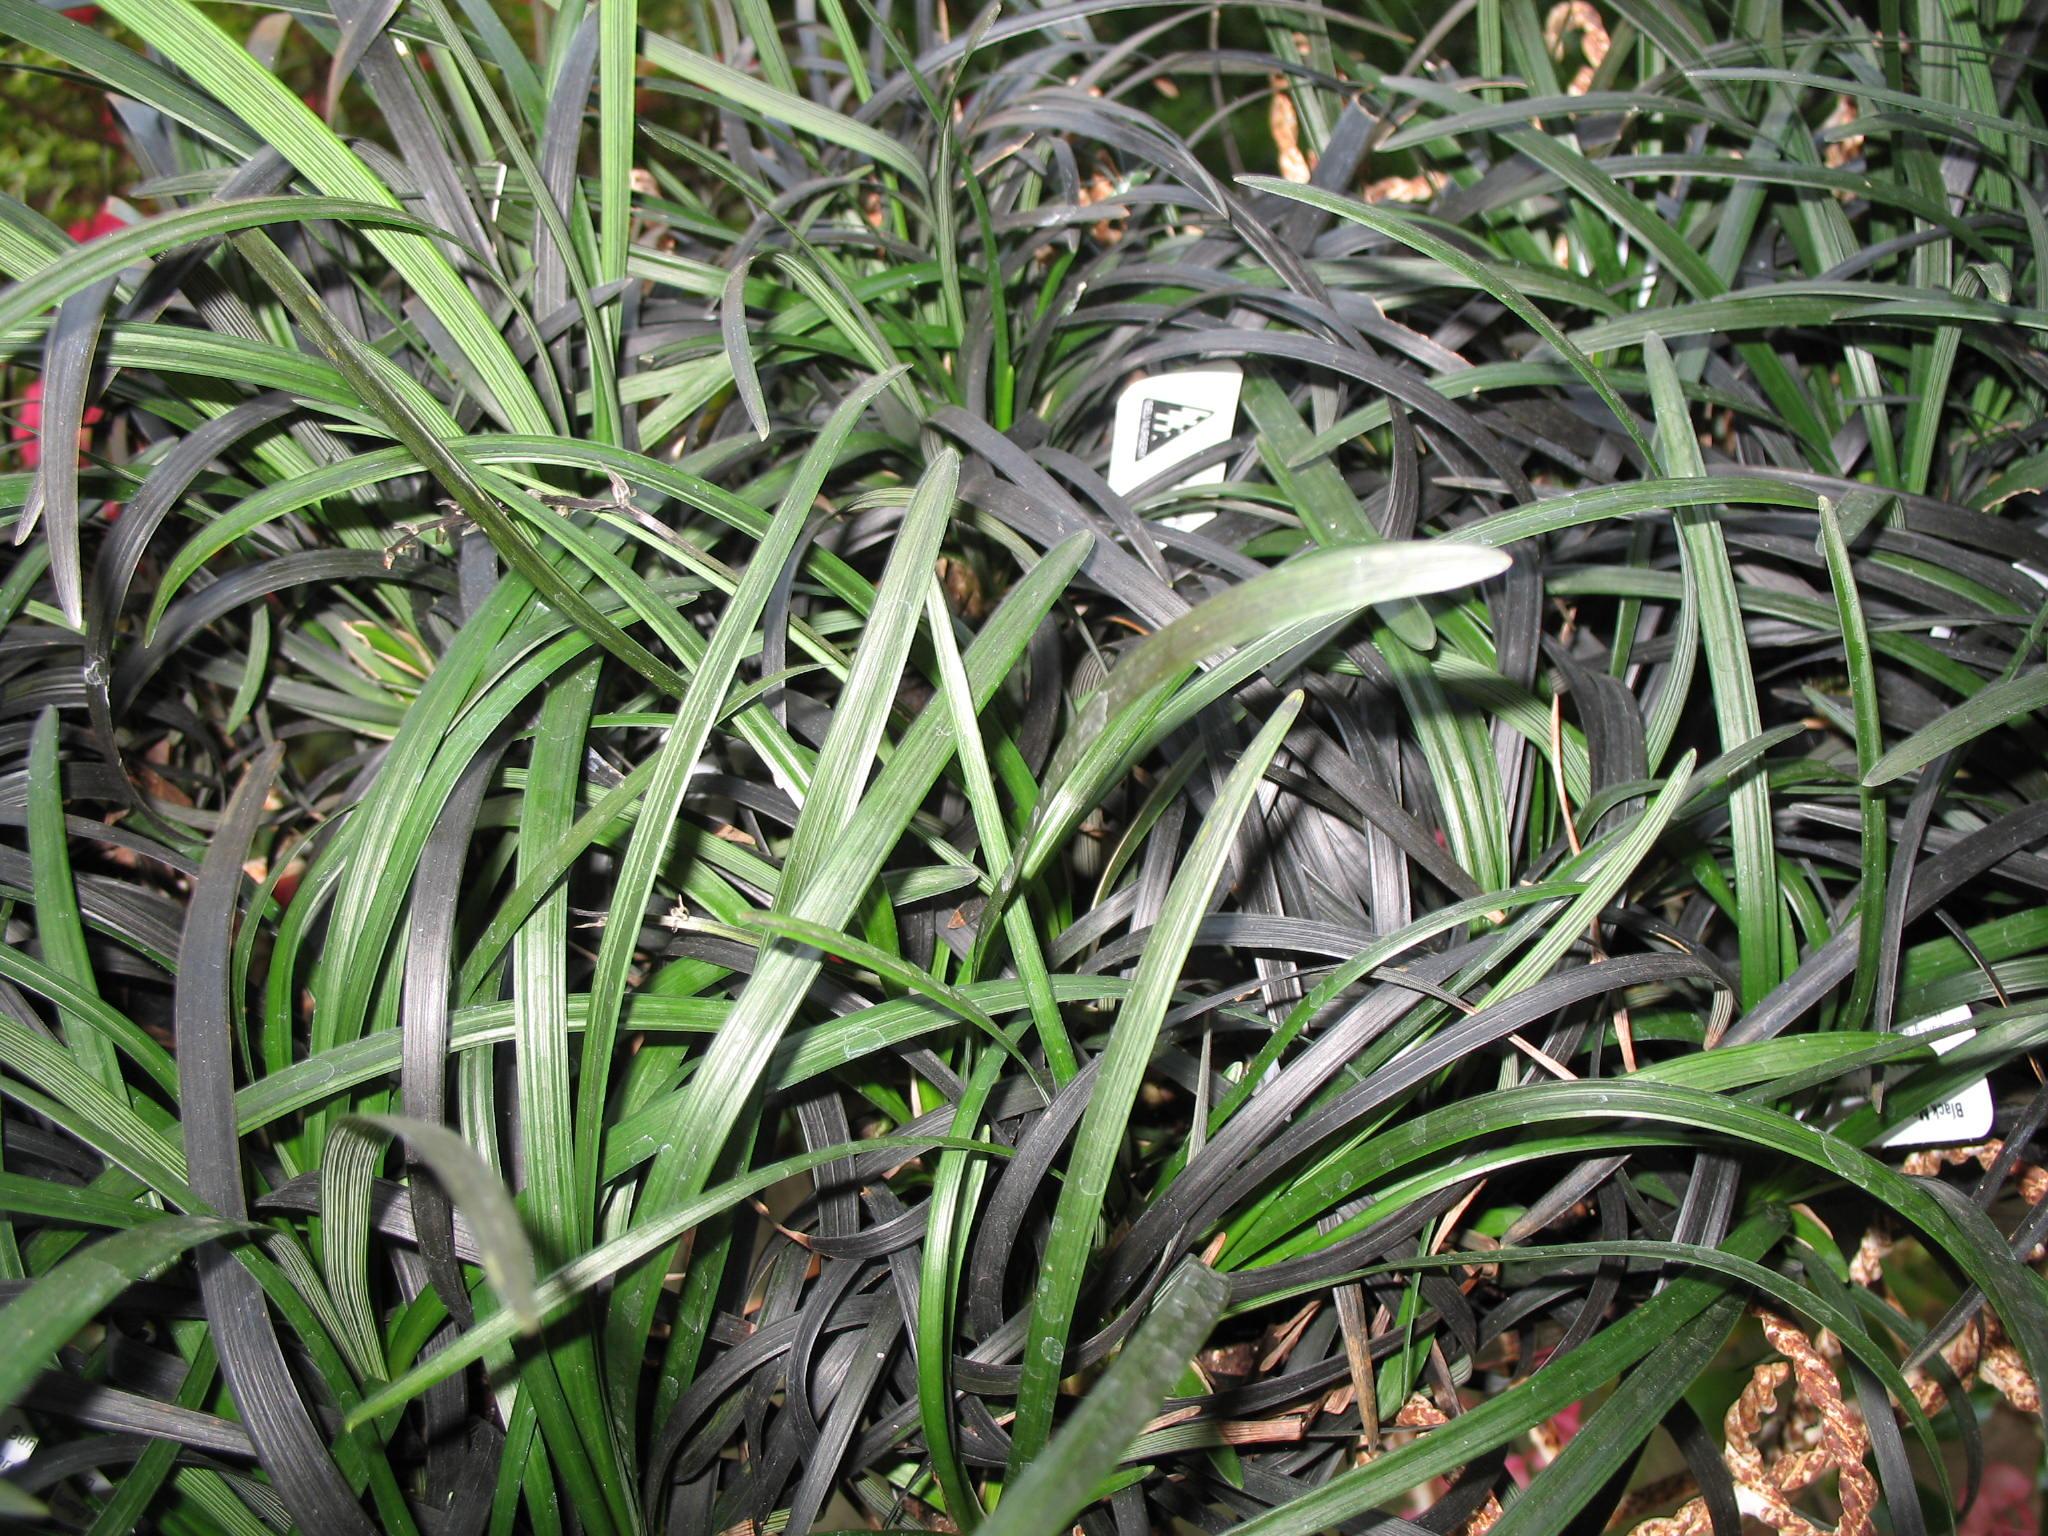 Ophiopogon planiscapus 'Nigrescens'  / Ophiopogon planiscapus 'Nigrescens'